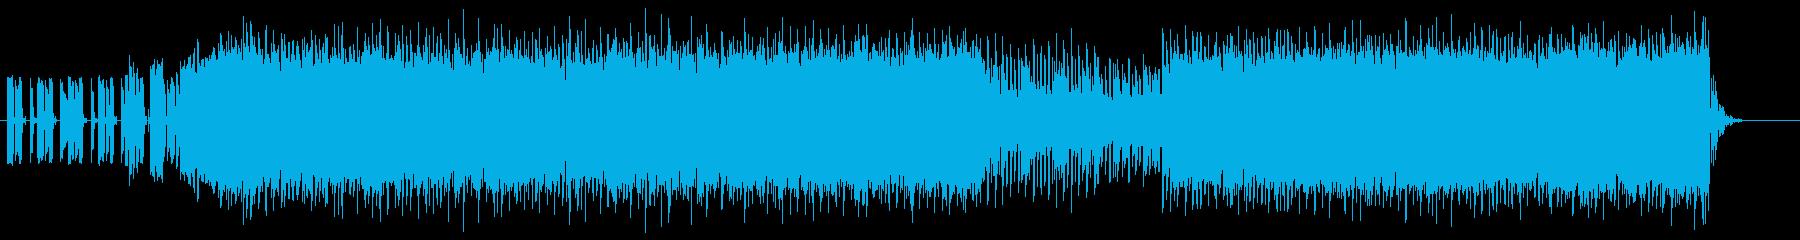 疾走感あふれるデジタルビートの再生済みの波形